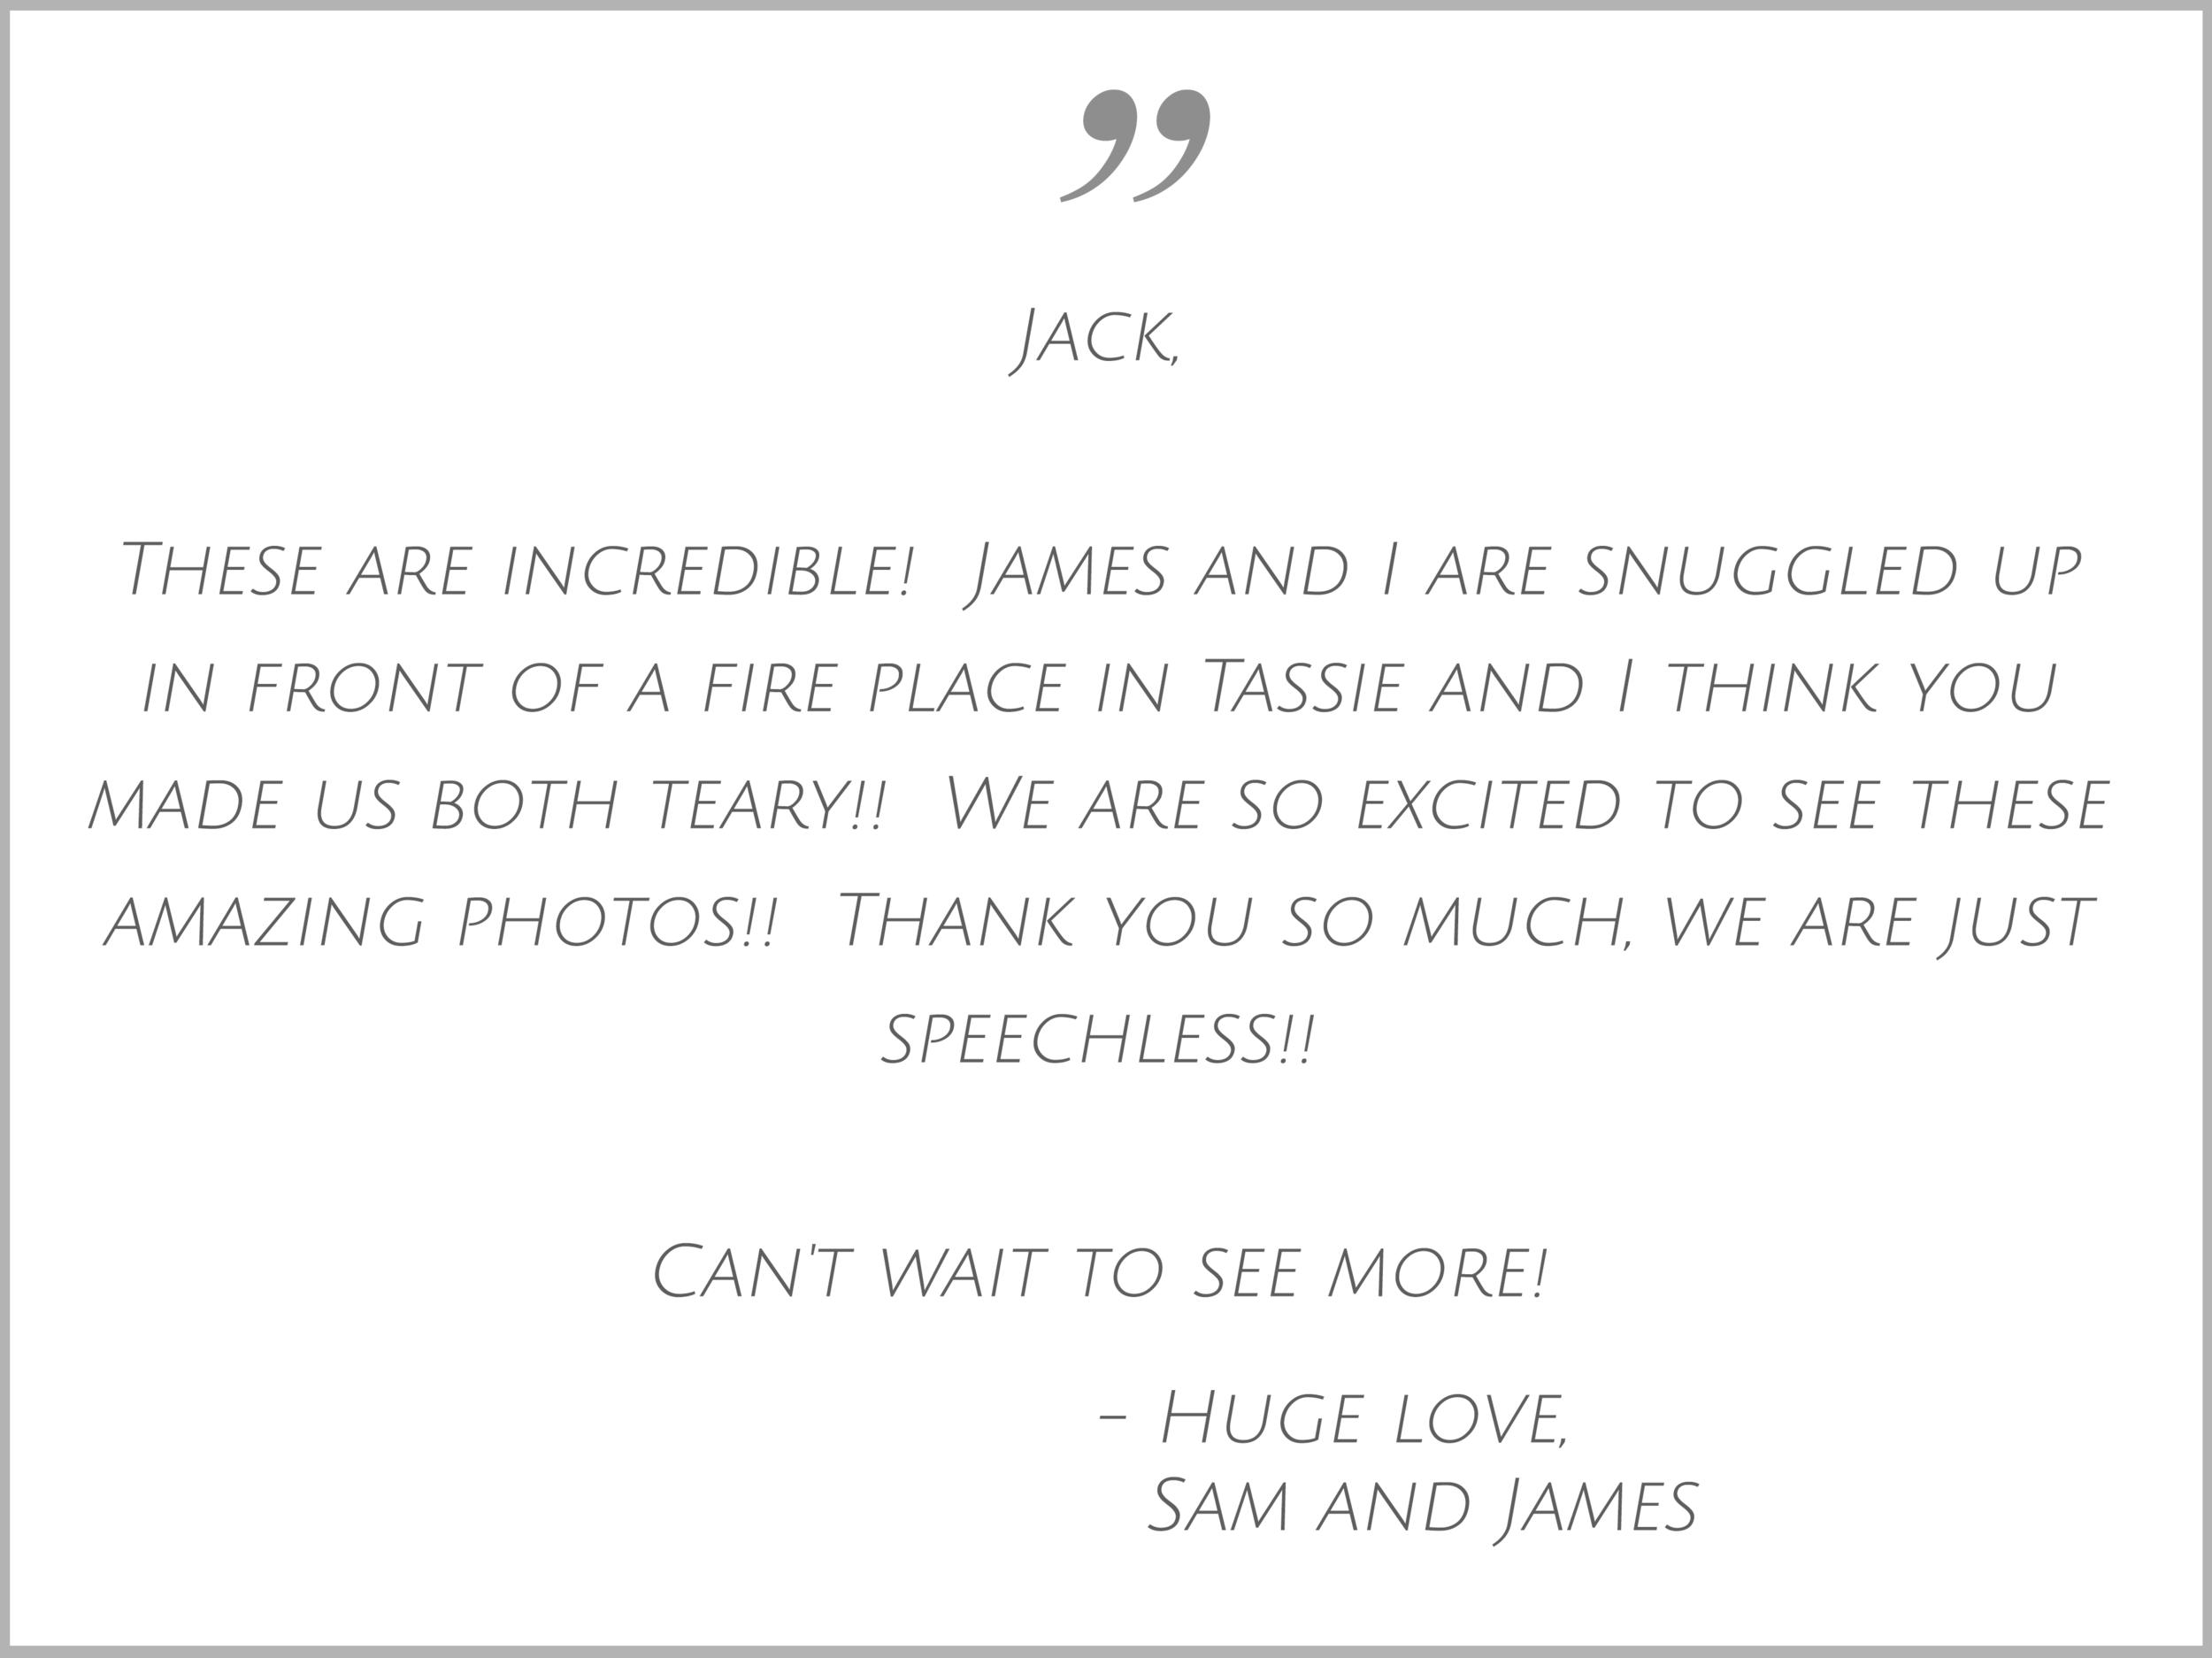 Same & James.png